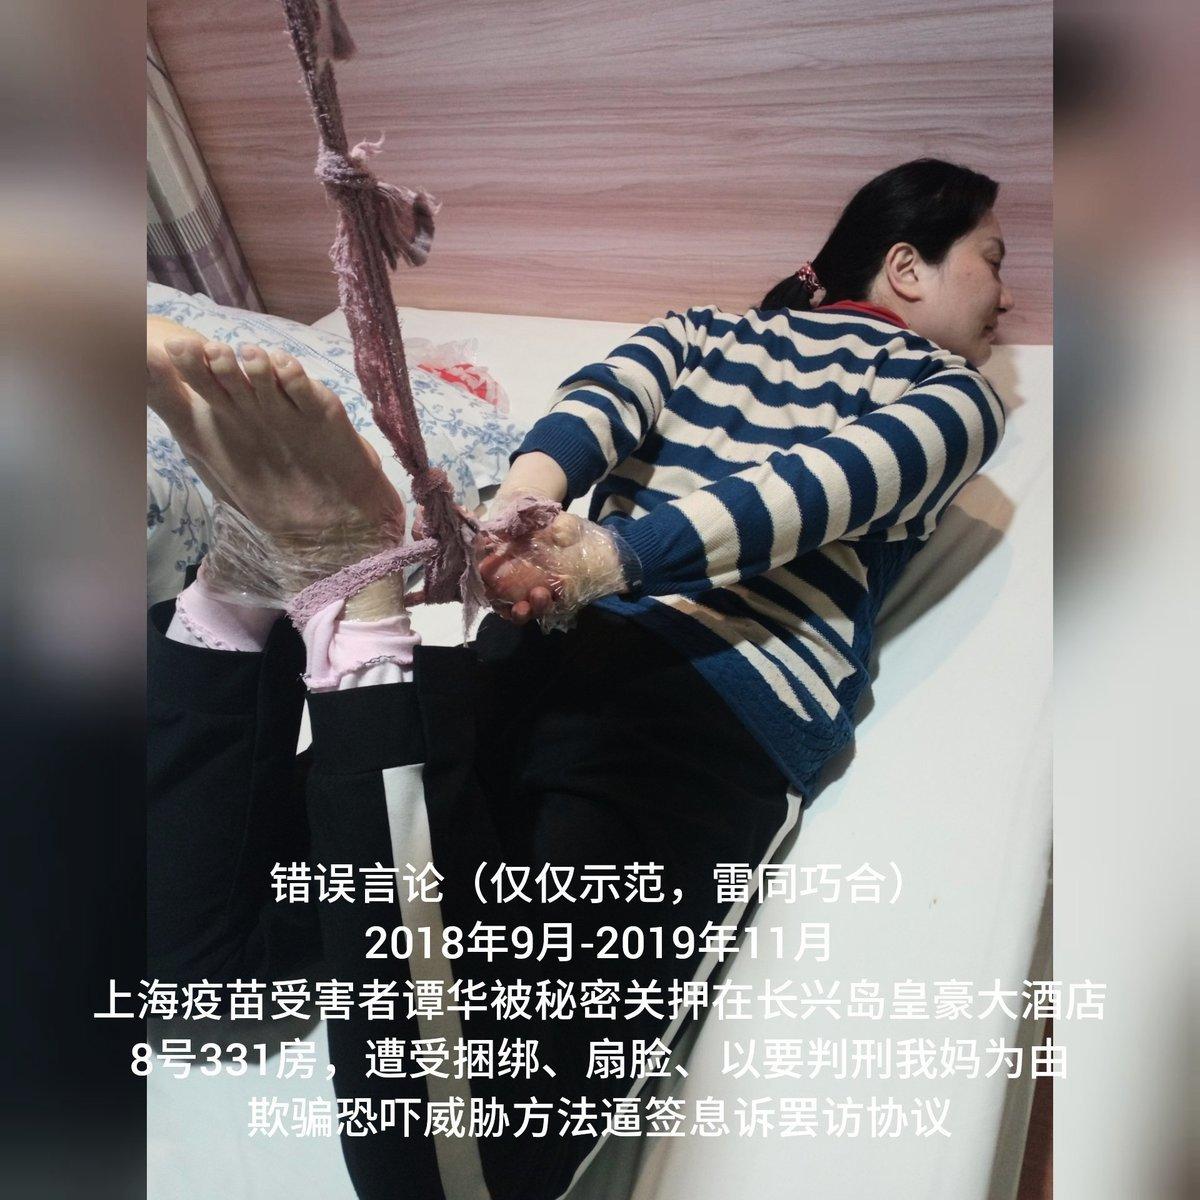 譚華還原關押期間被綑綁折磨的場景。(推特圖)